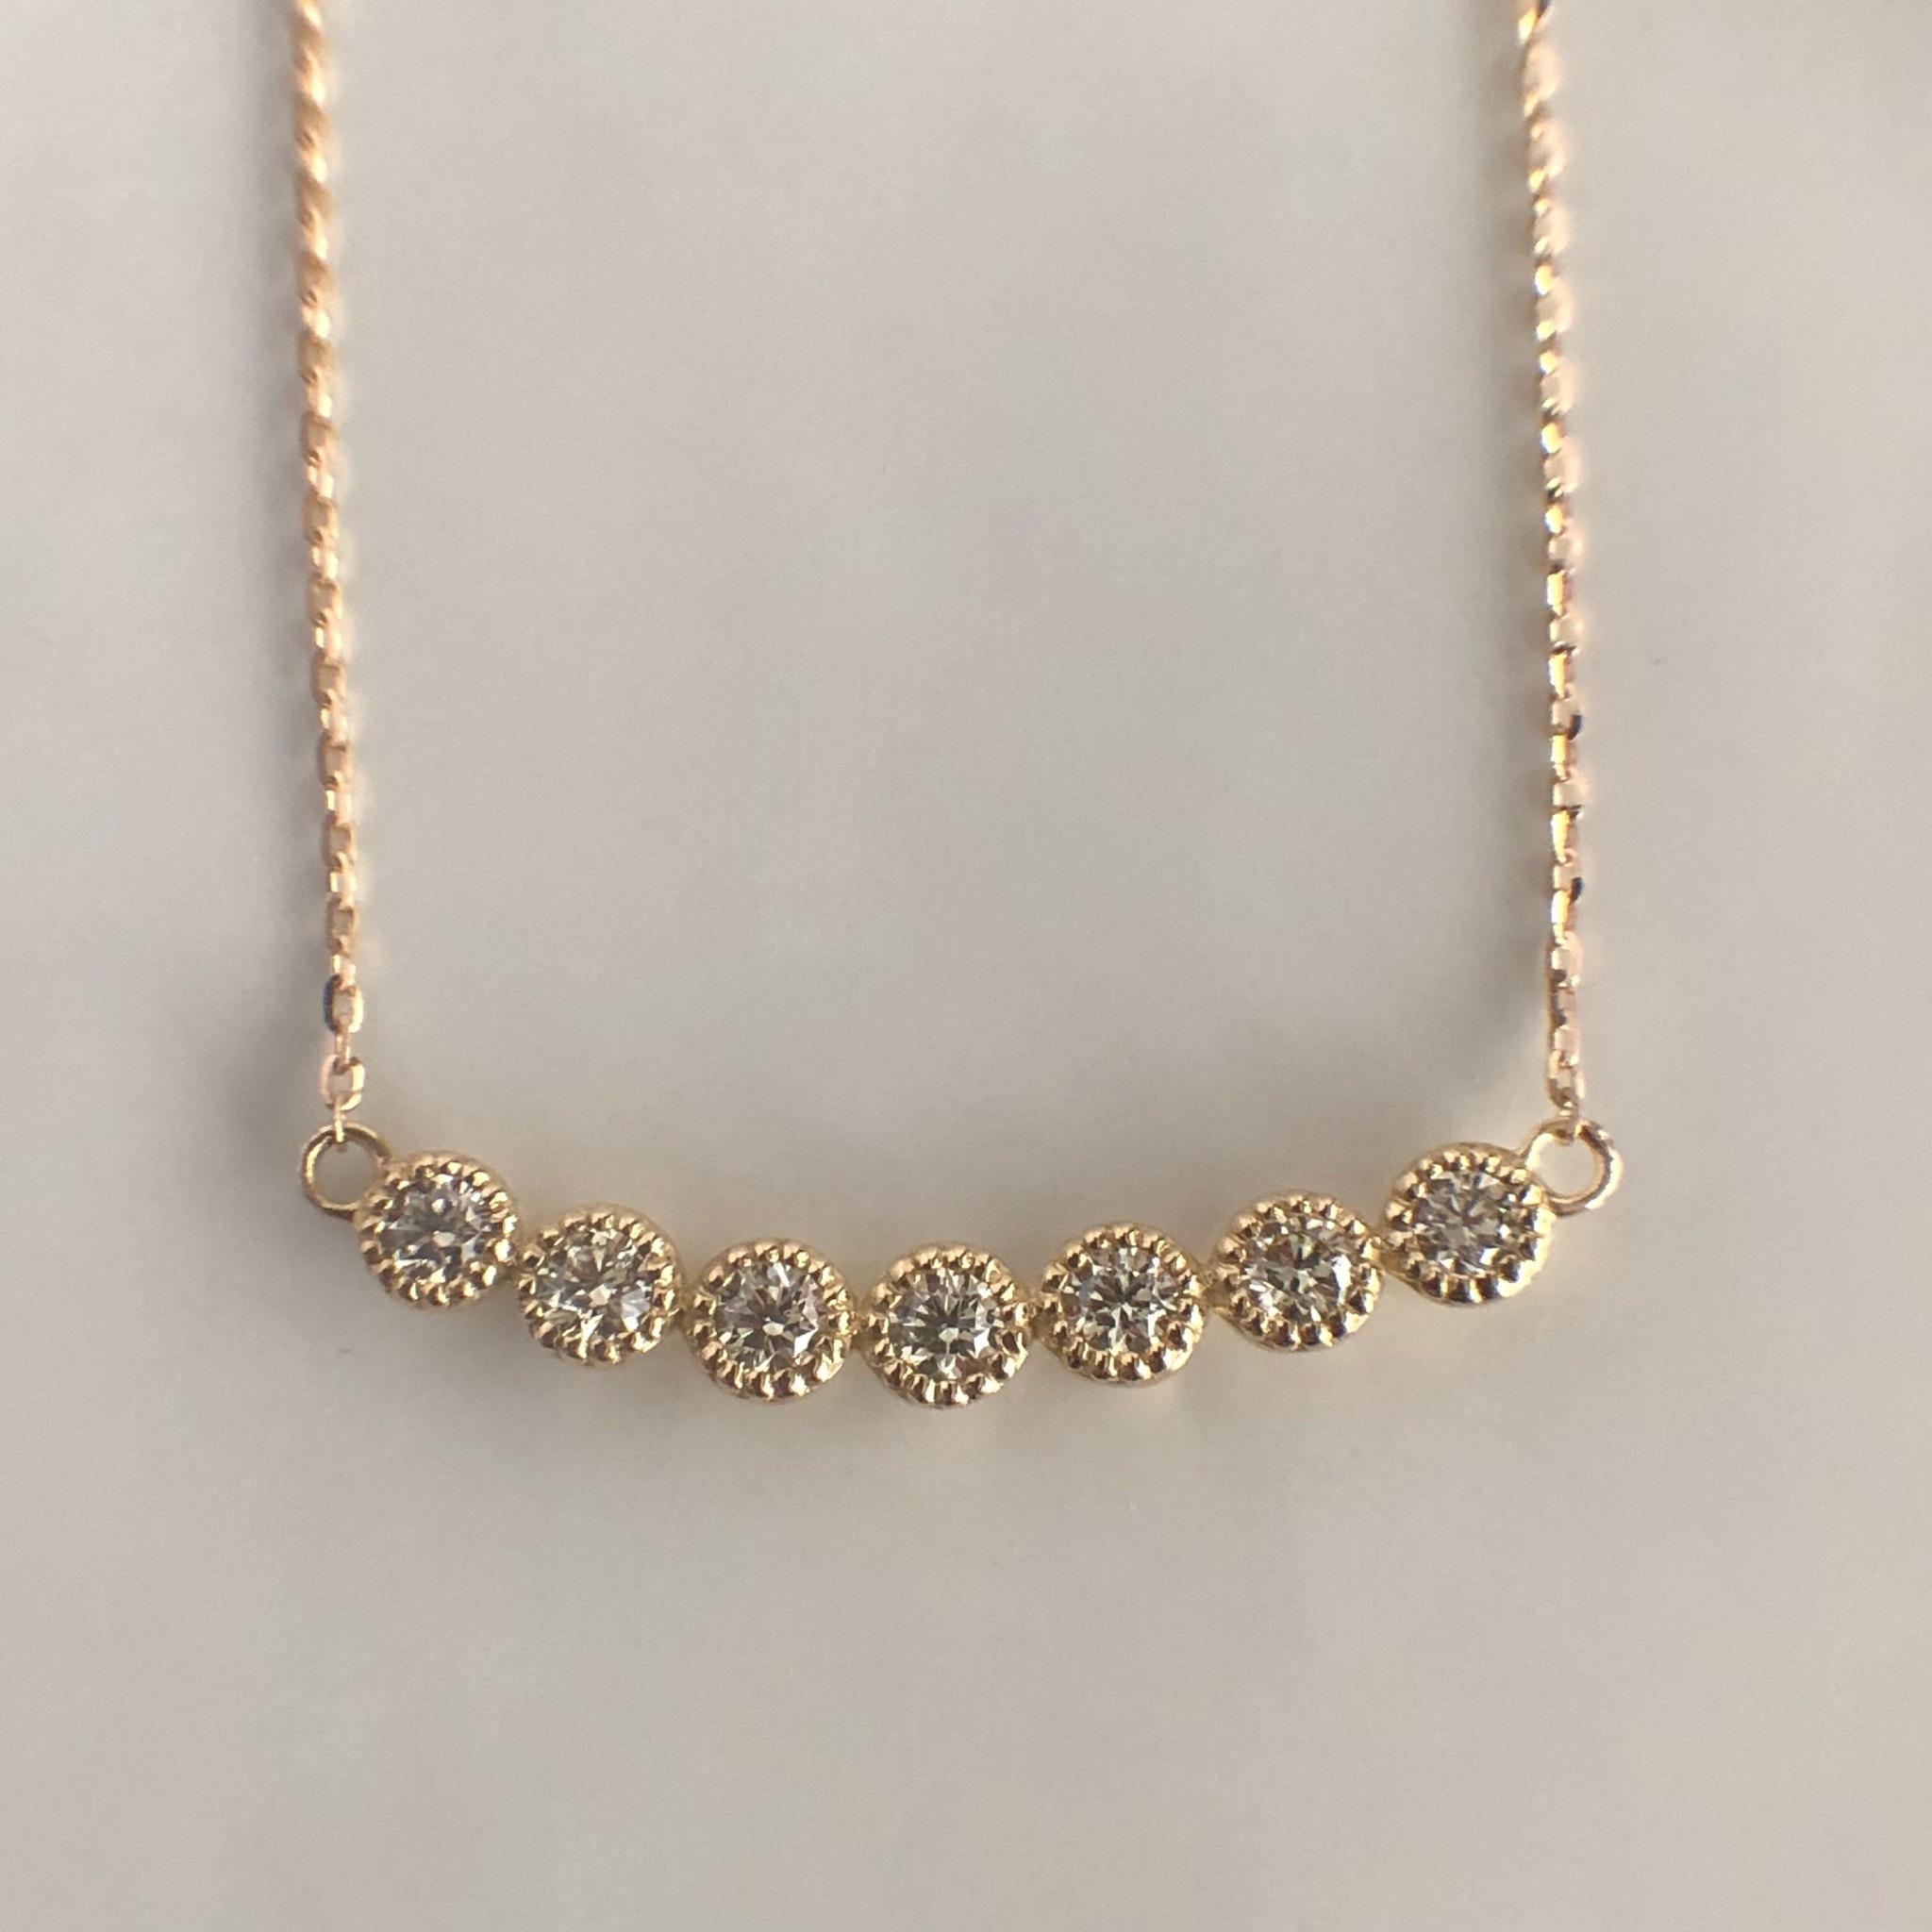 ミルグレイン ダイヤモンド バー ネックレス  0.22ct K18 イエローゴールド チェカ 鑑別書付